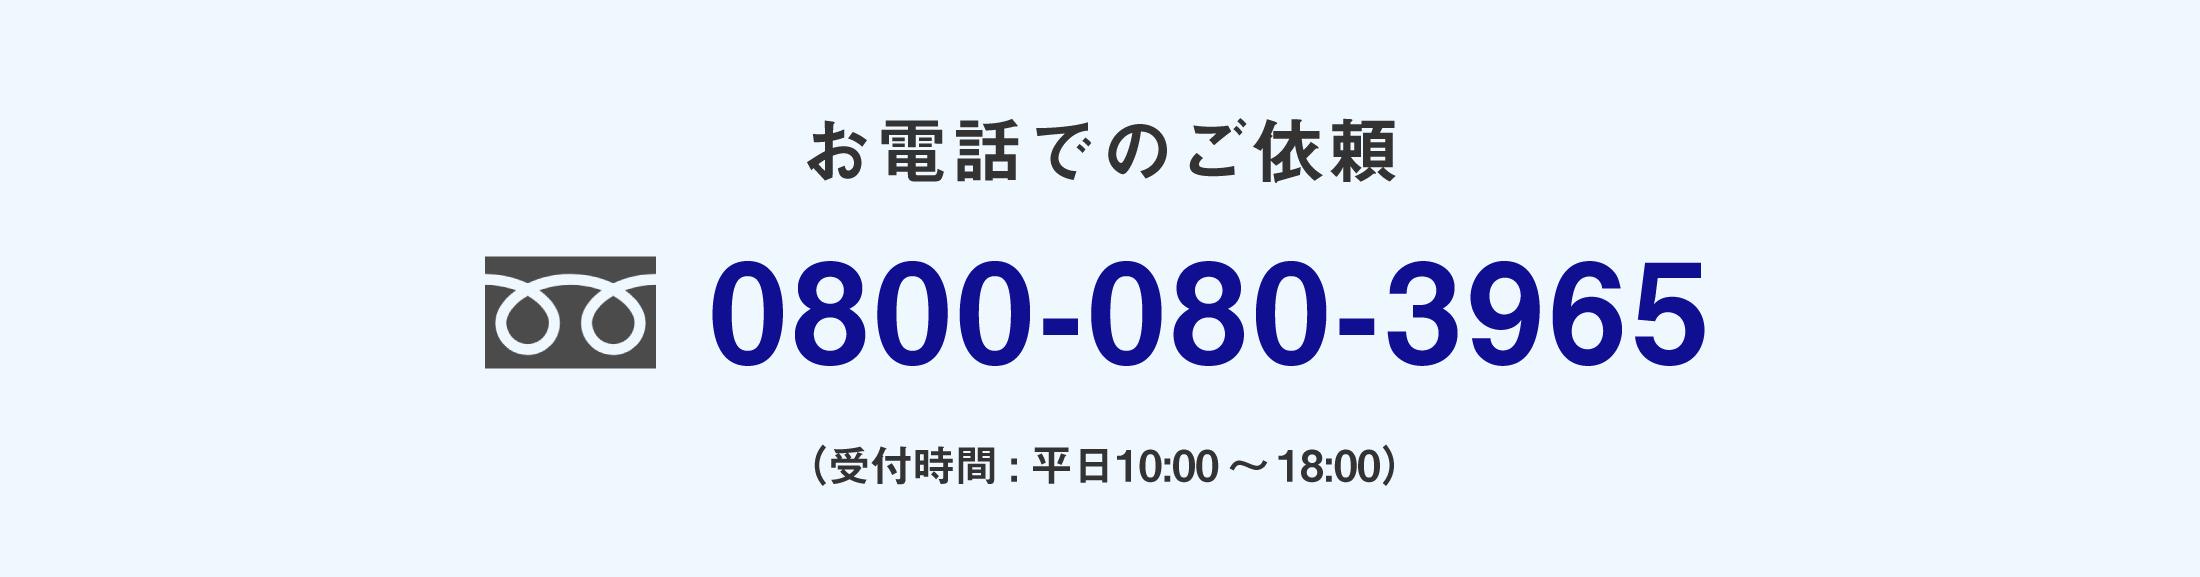 お電話でのお問い合わせは0800-080-3965